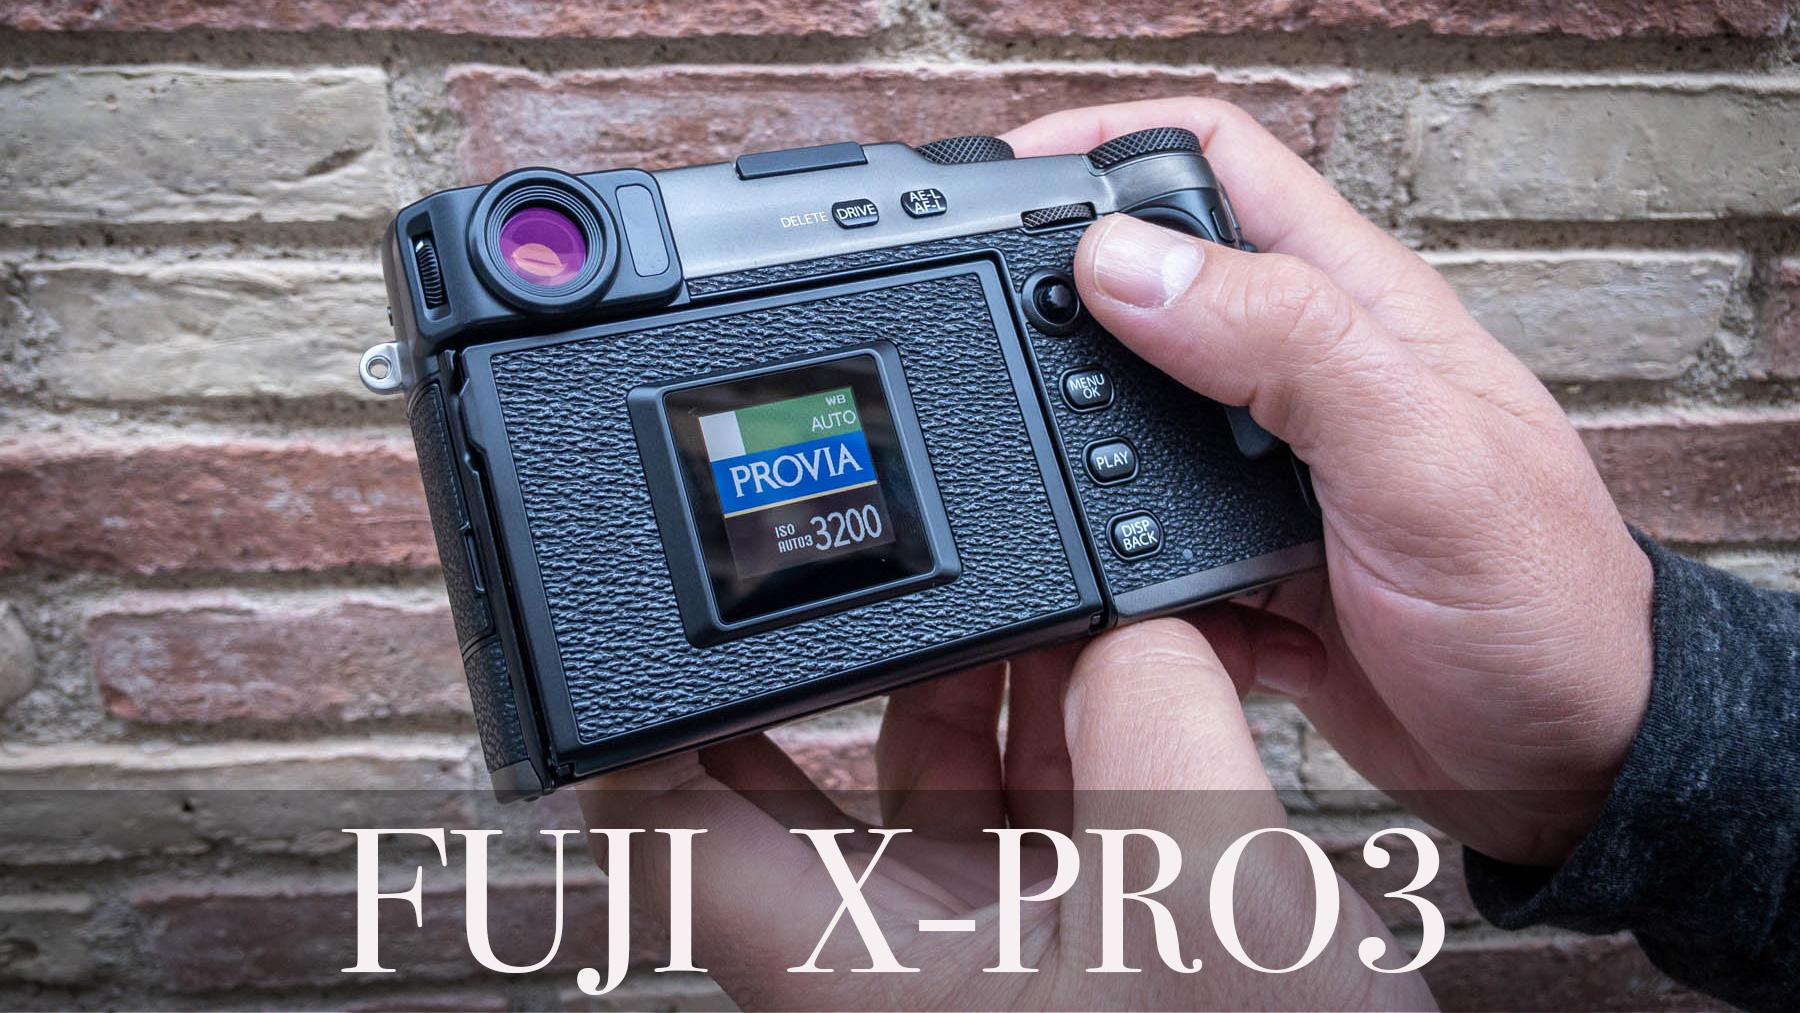 Toma de contacto con la Fujifilm X-Pro3